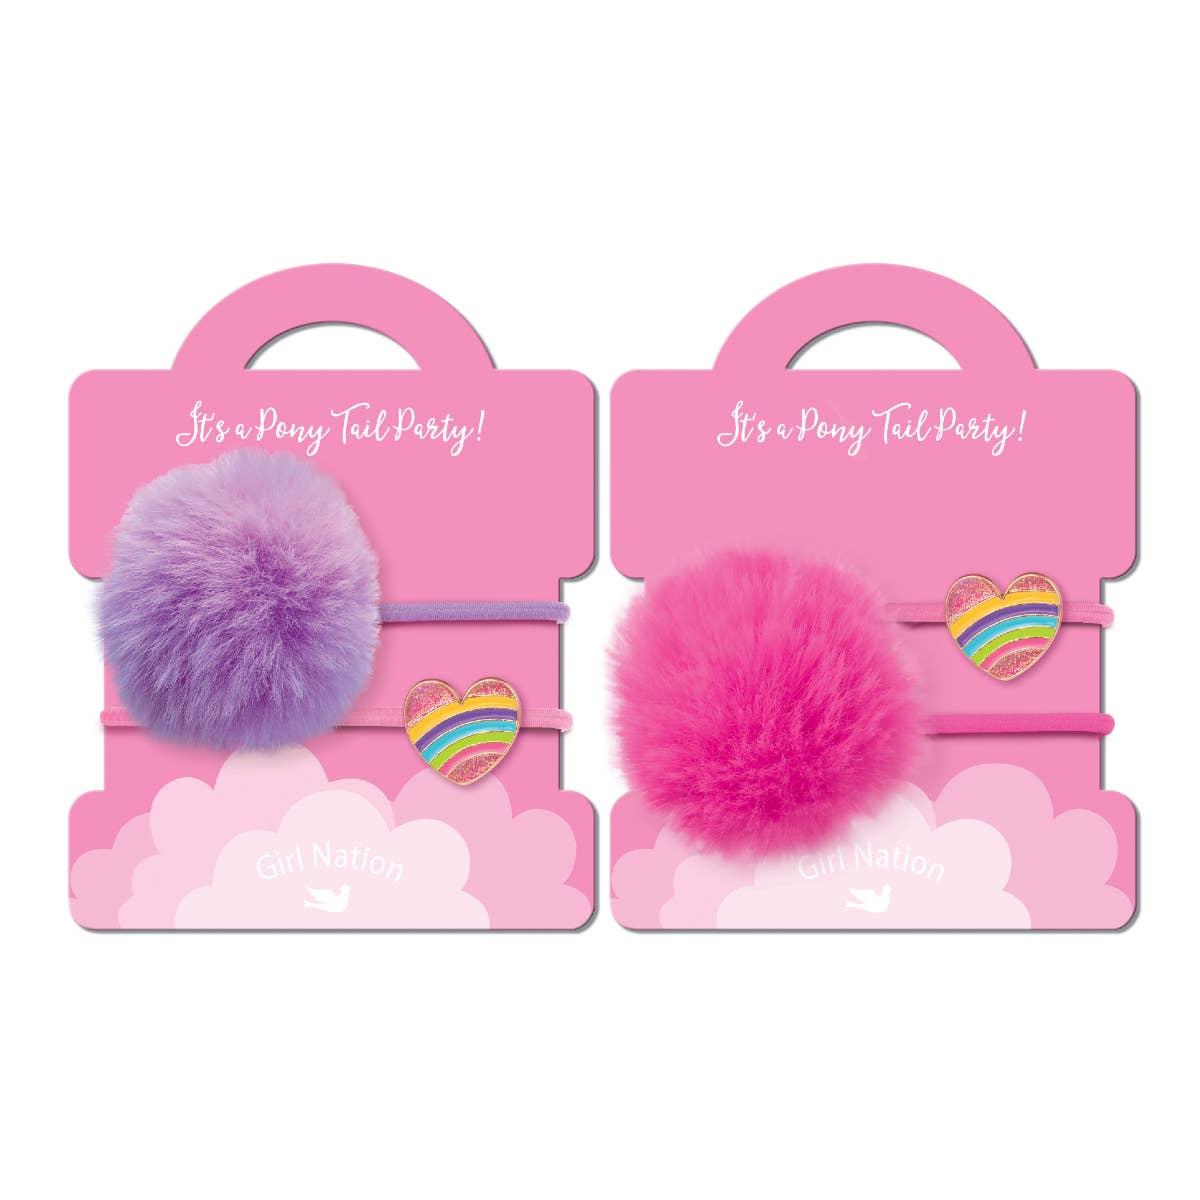 Pony Tail Whimsy- Rainbow Heart (NEW) | Trada Marketplace